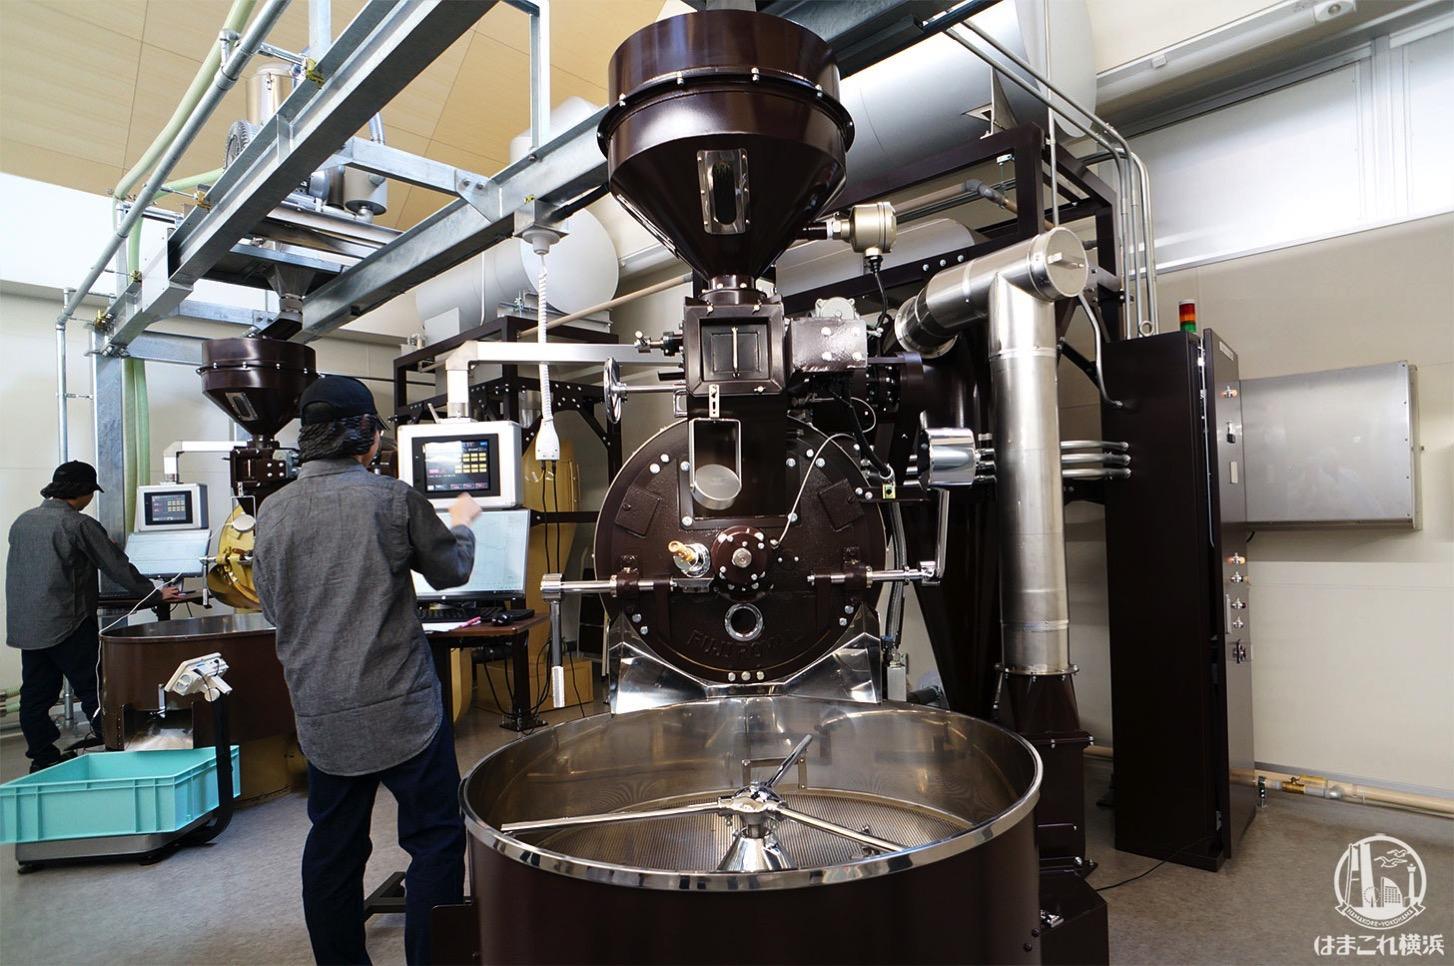 堀口珈琲「横浜ロースタリー」でコーヒー豆焙煎を工場見学!ブレンディング体験なども